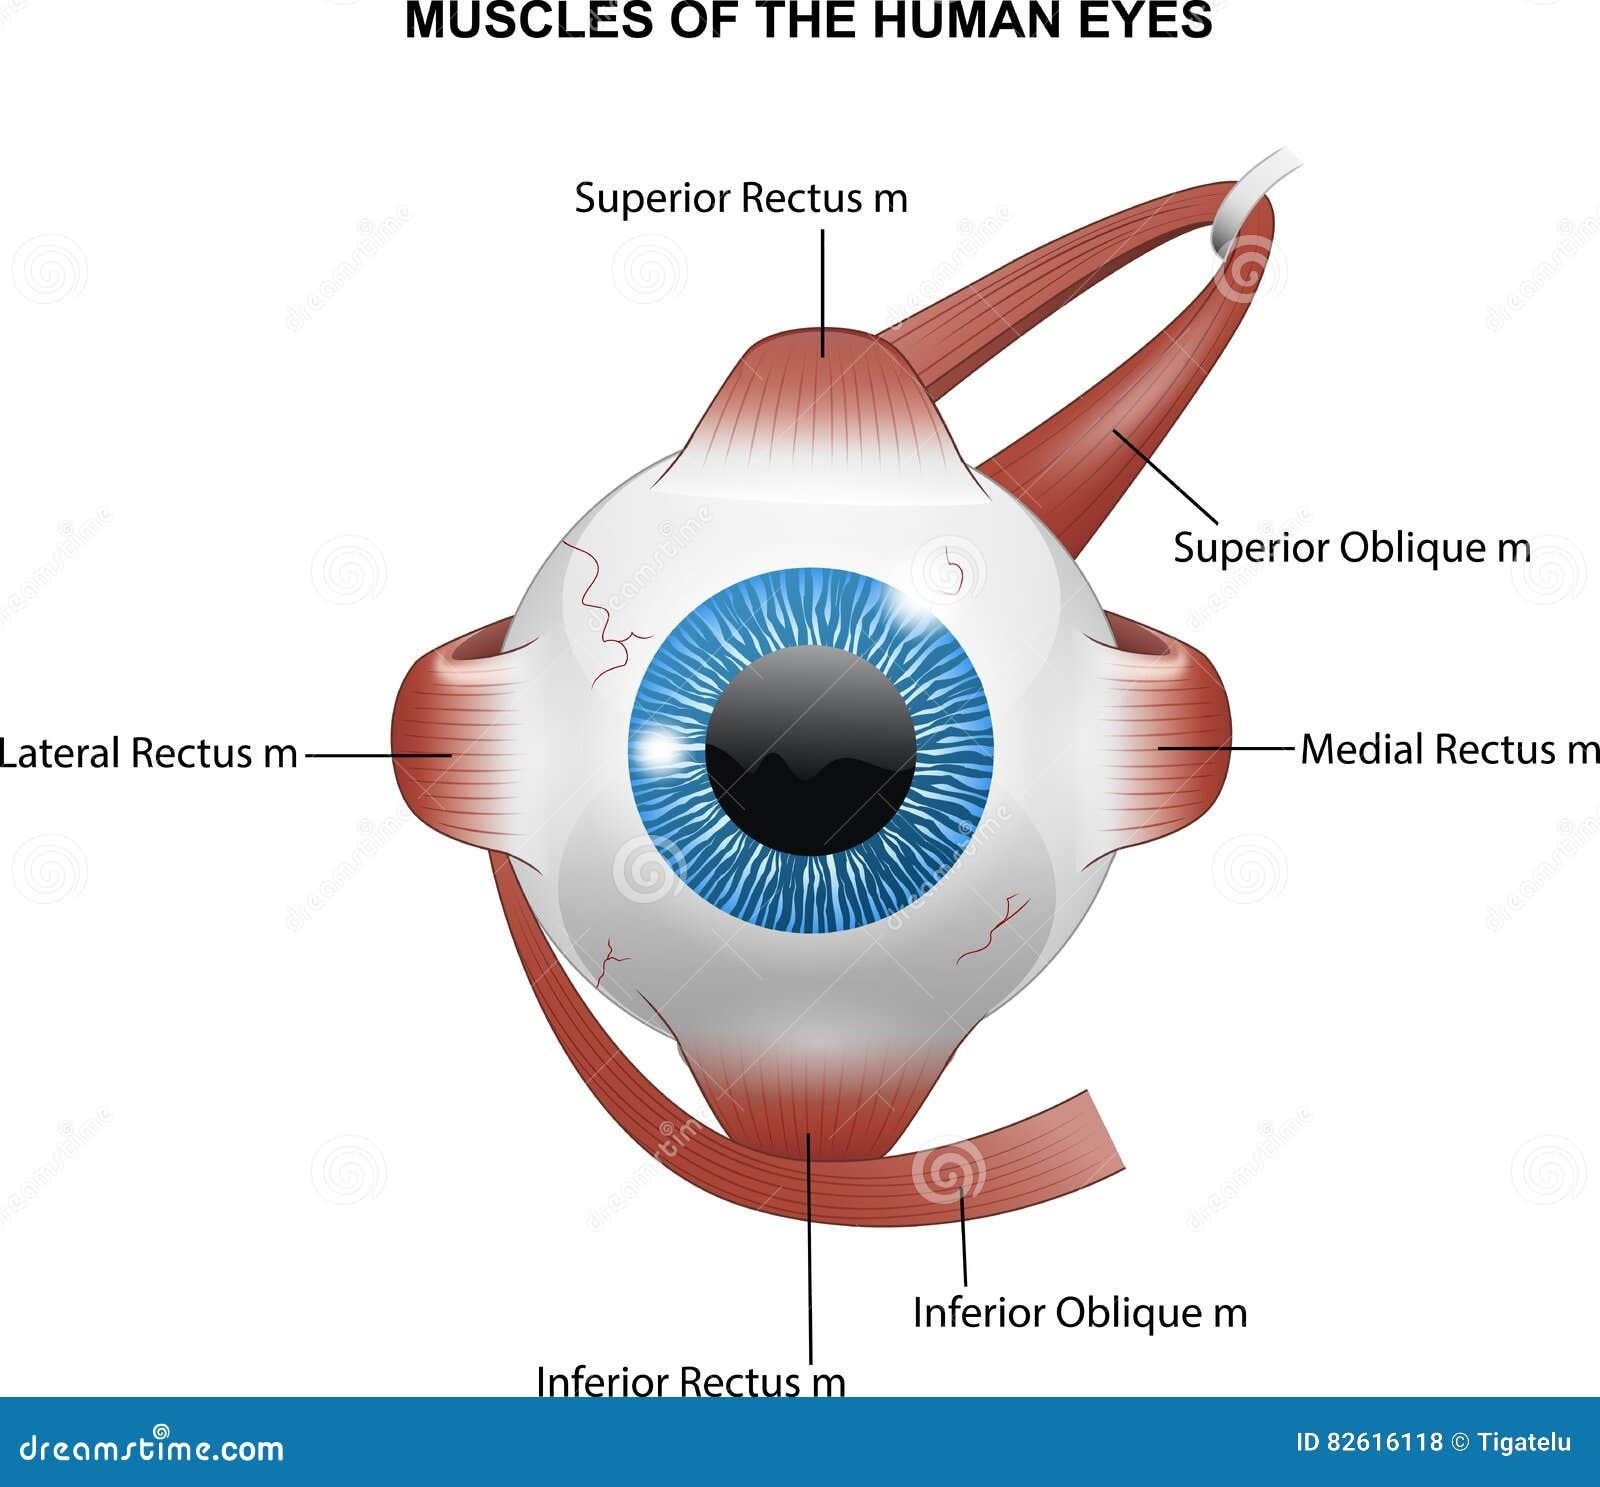 Μυ ες των ανθρώπινων ματιών